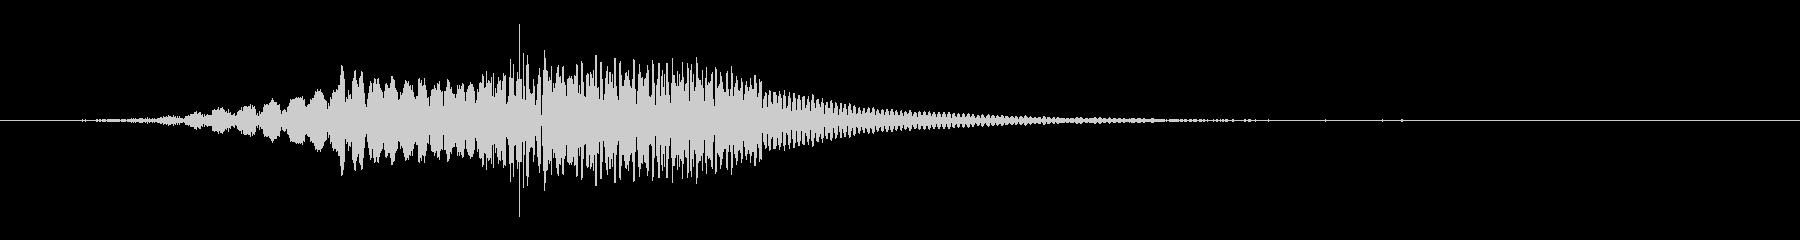 魔法のザップの未再生の波形